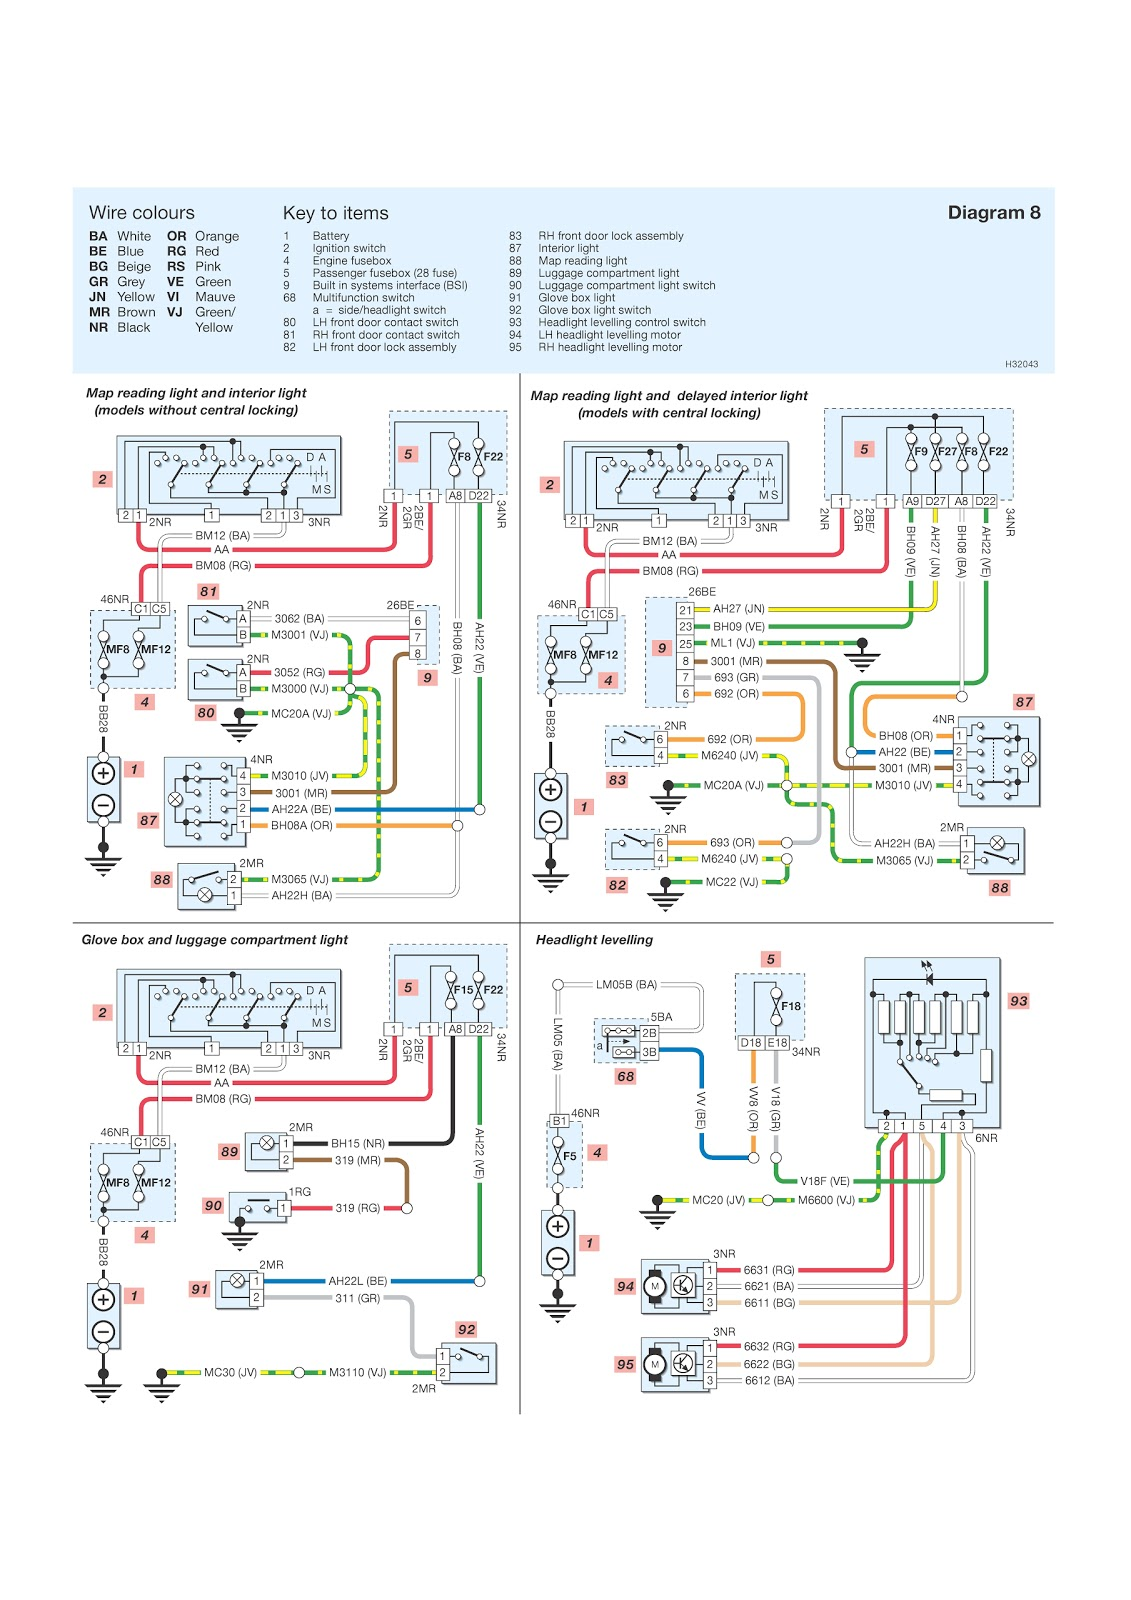 2000 Peugeot 406 Wiring Diagram Free Download Wiring Diagram